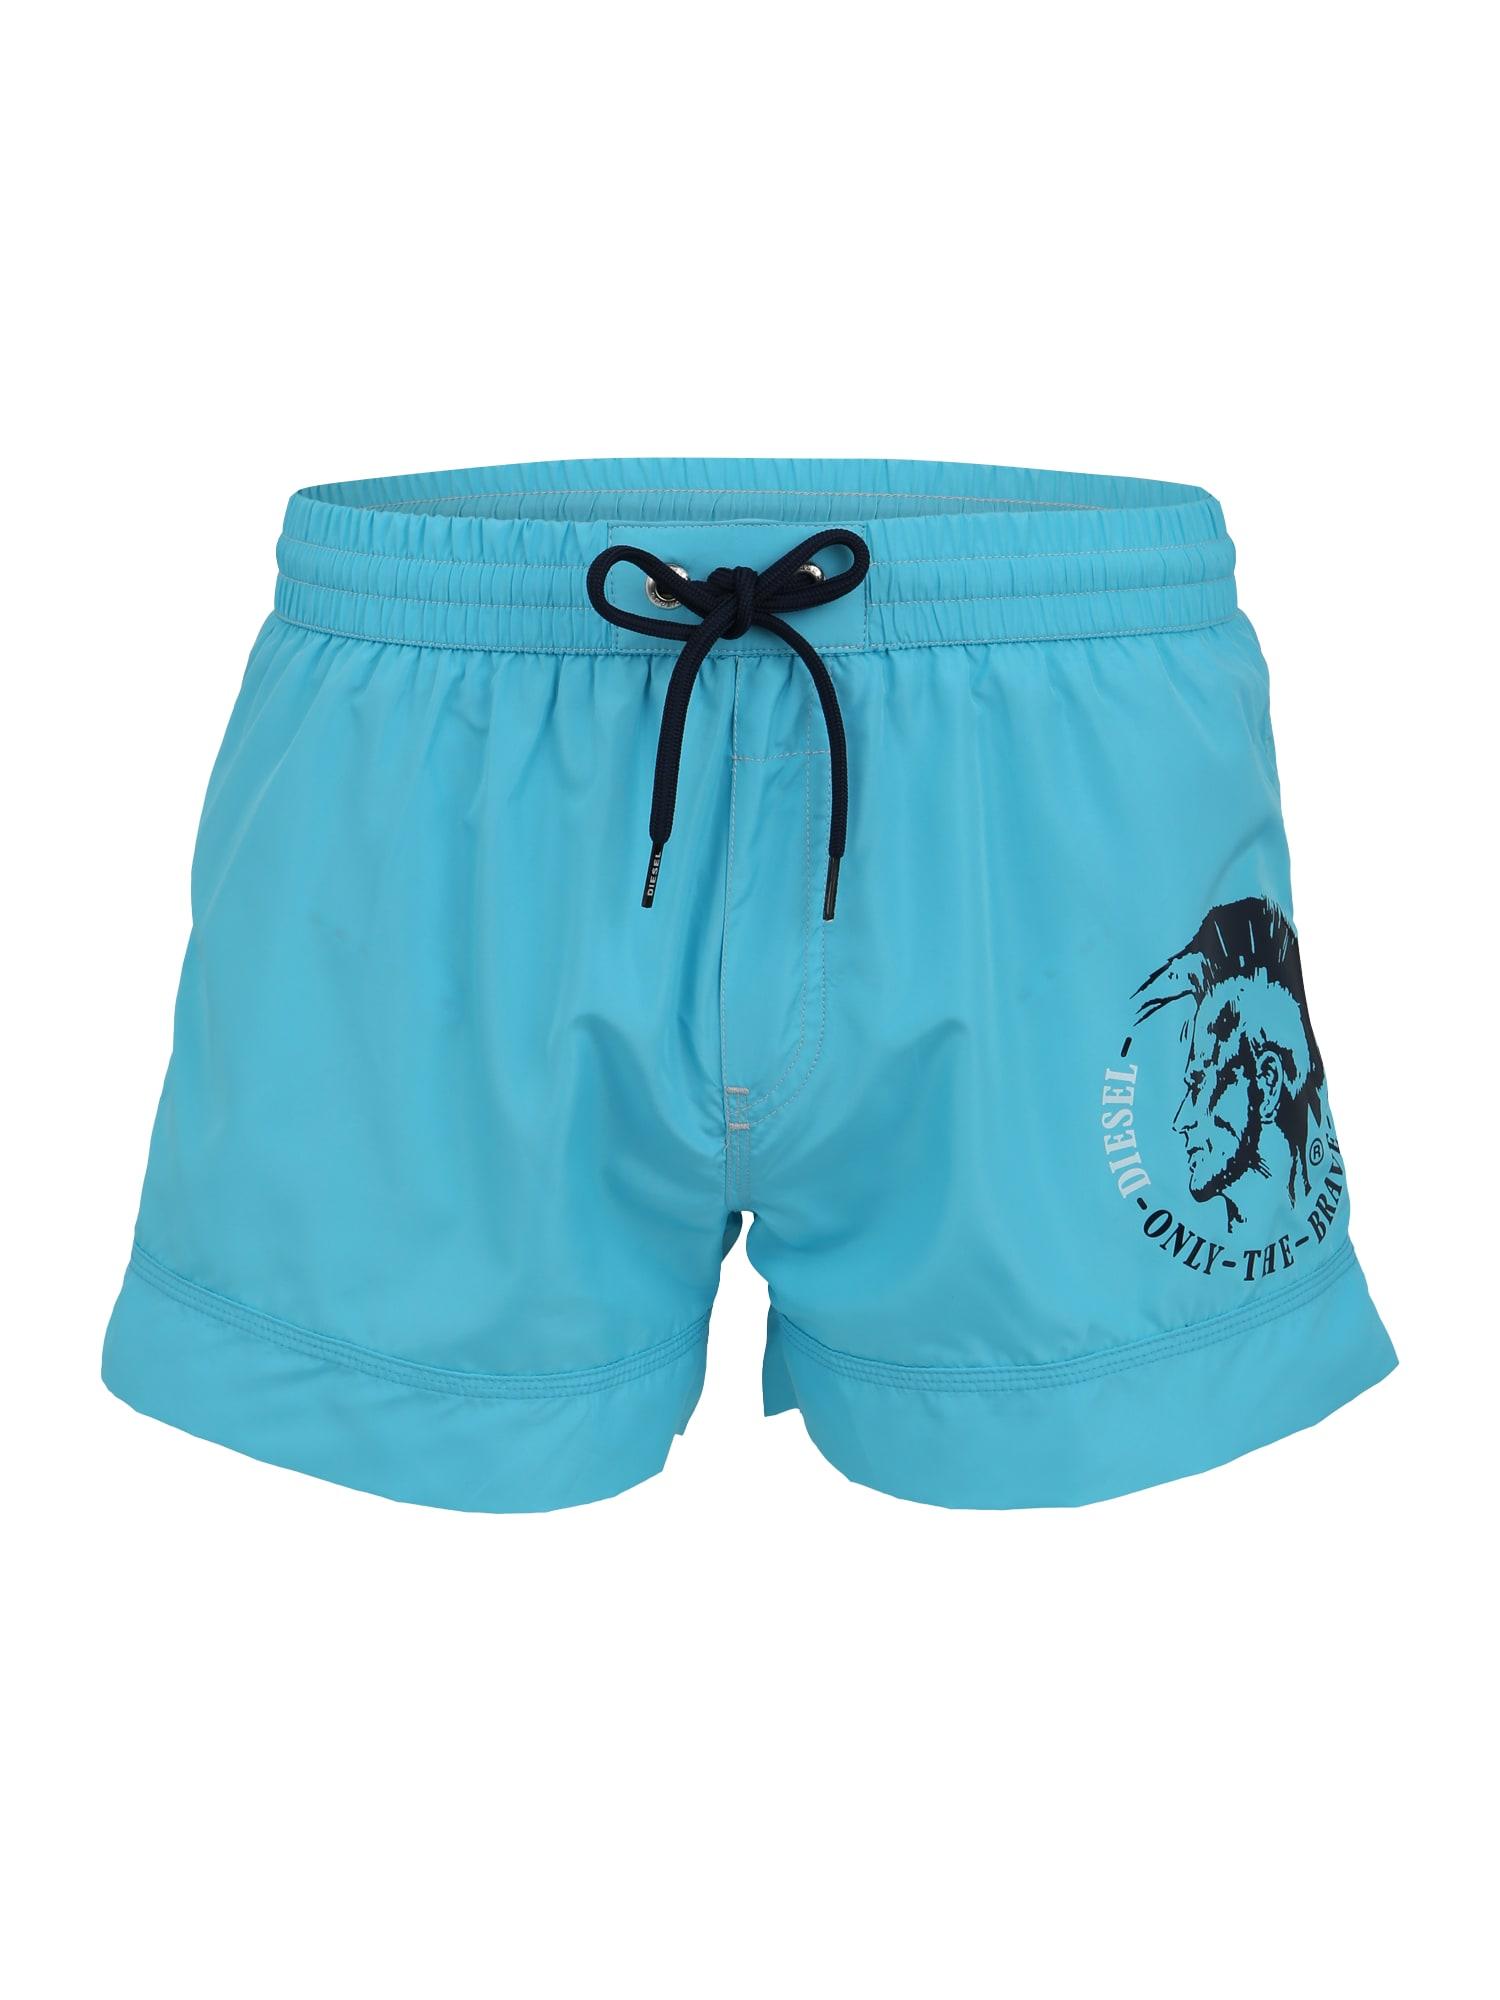 DIESEL Heren Zwemshorts BMBX-SANDY lichtblauw